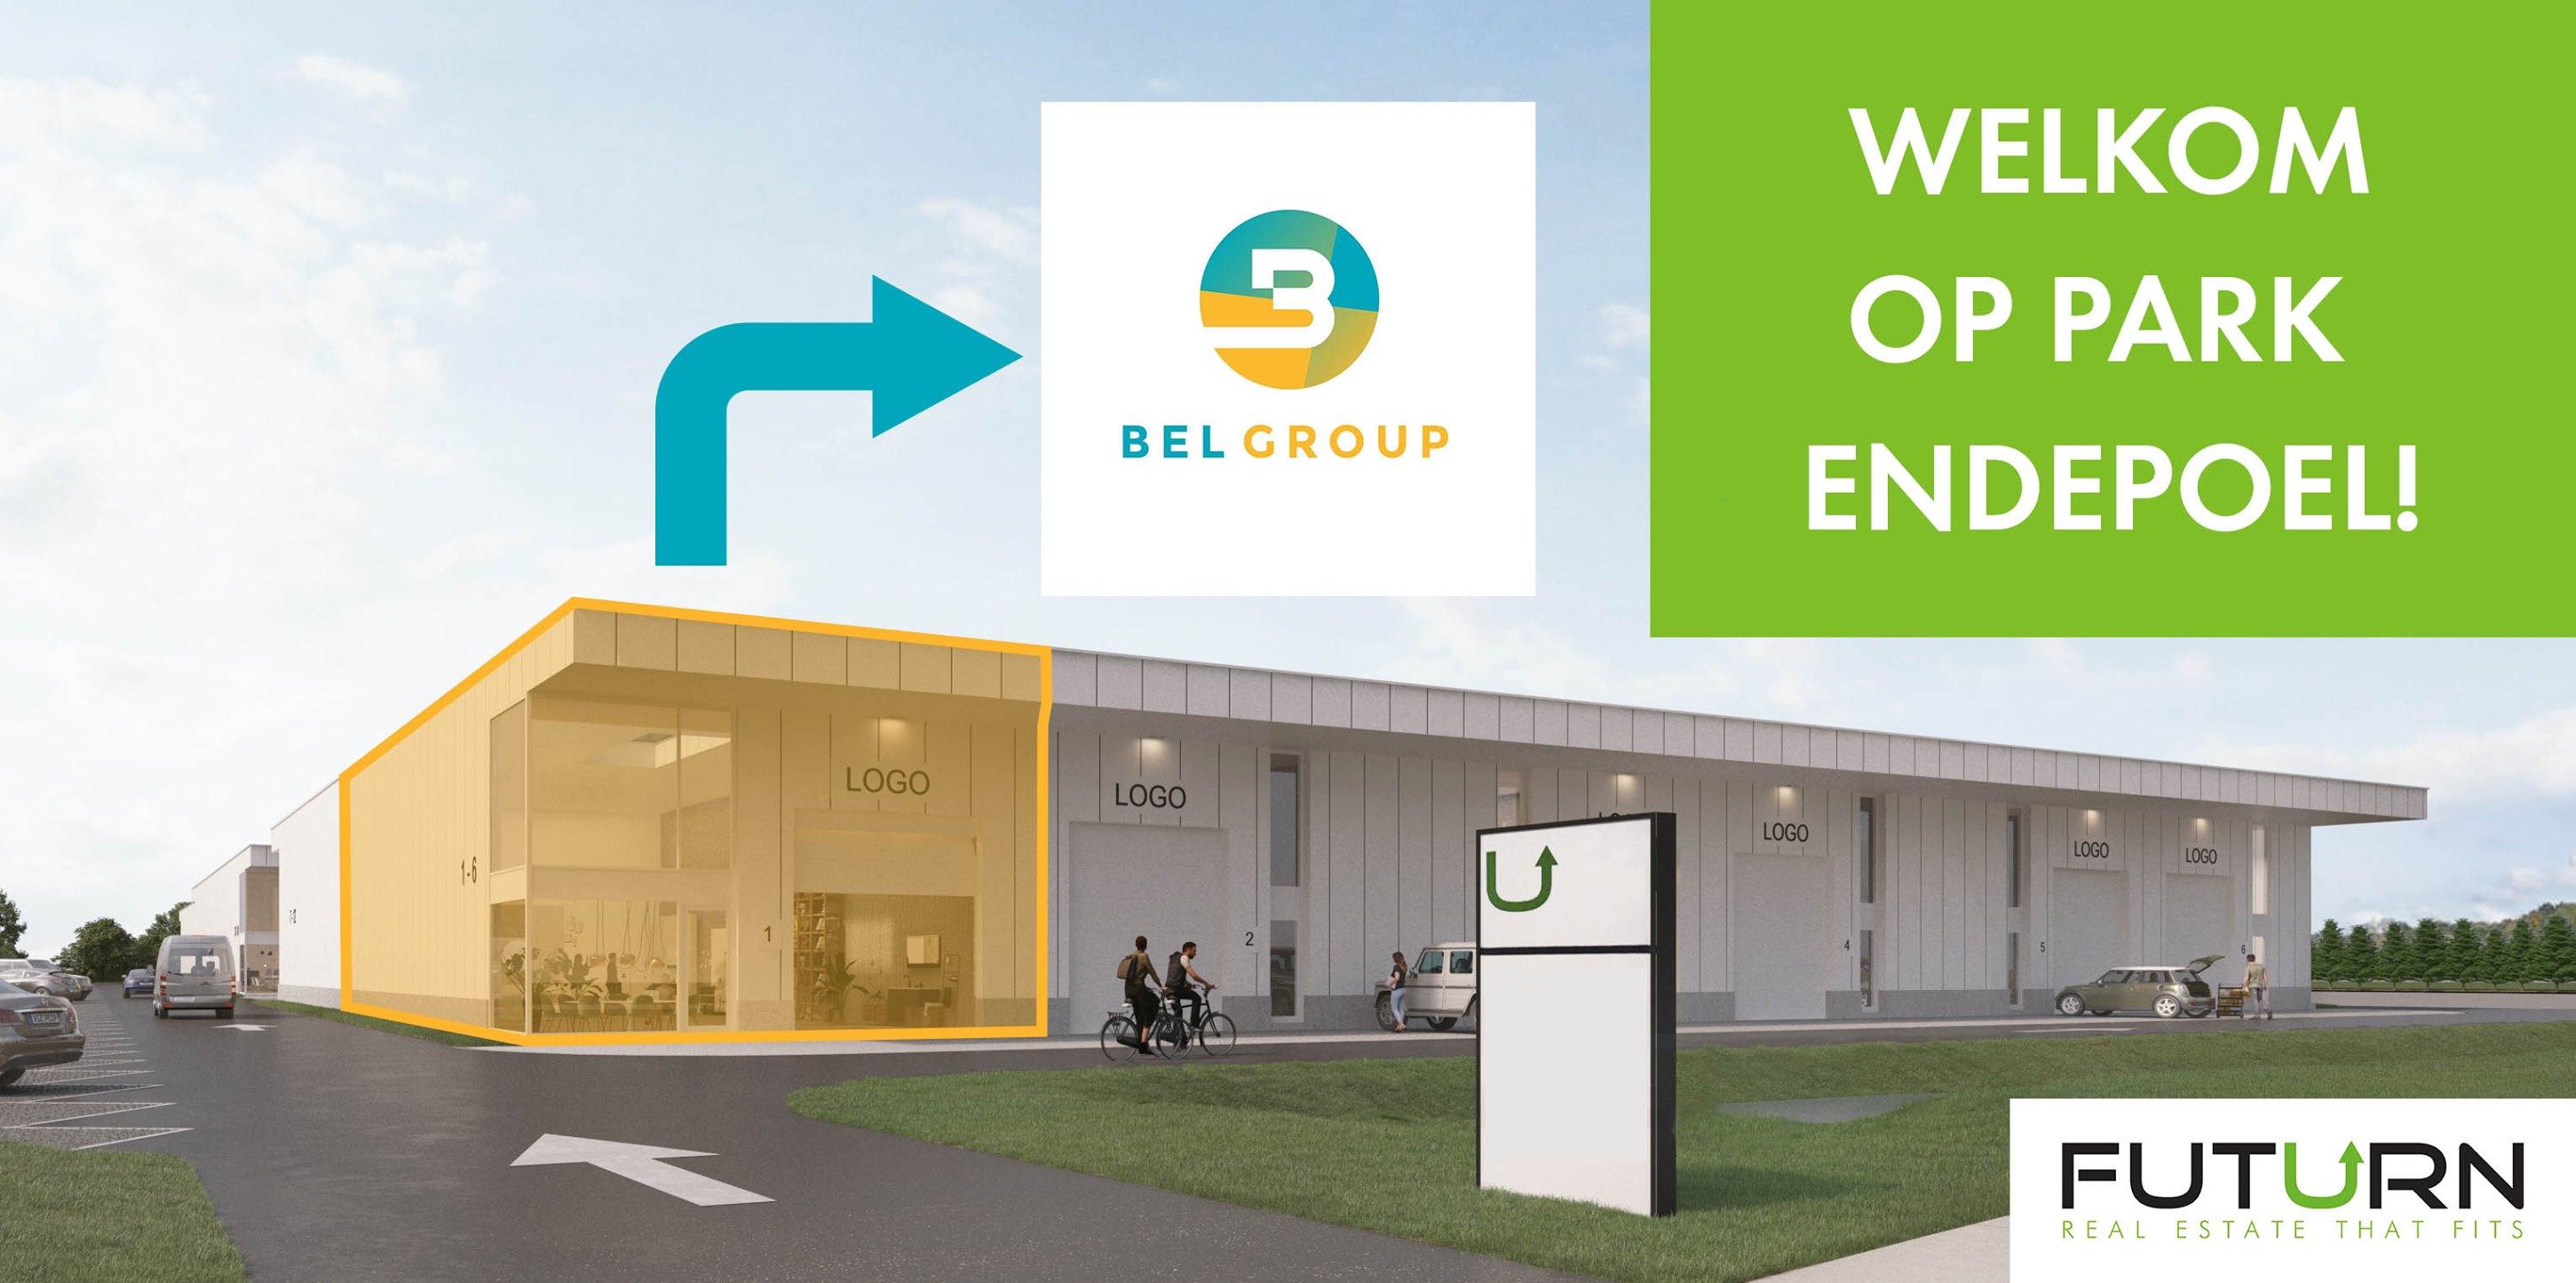 Bel Group Endepoel